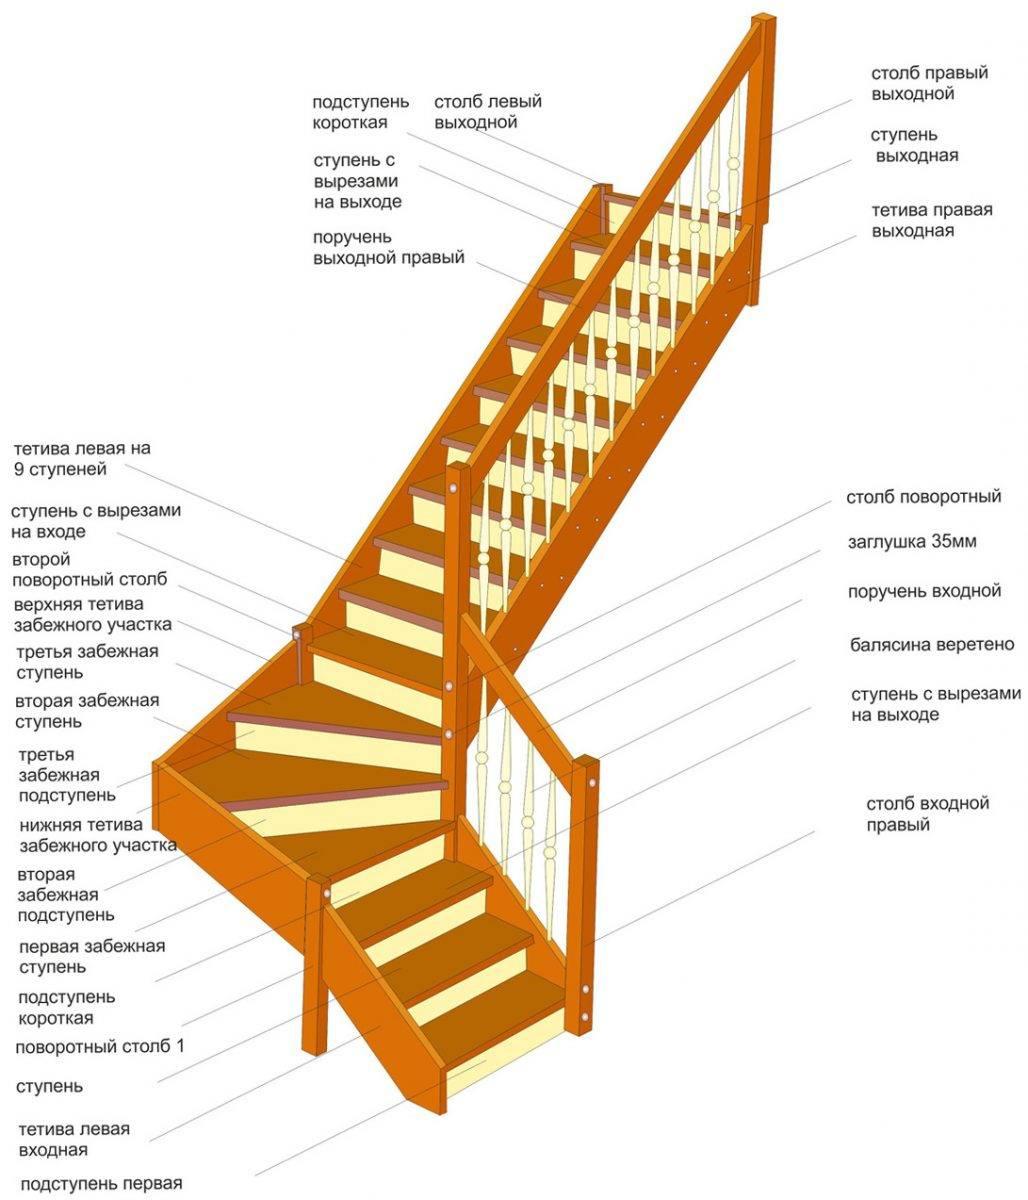 Двухмаршевая лестница с площадкой своими руками - расчеты, особенности конструкции и этапы монтажа